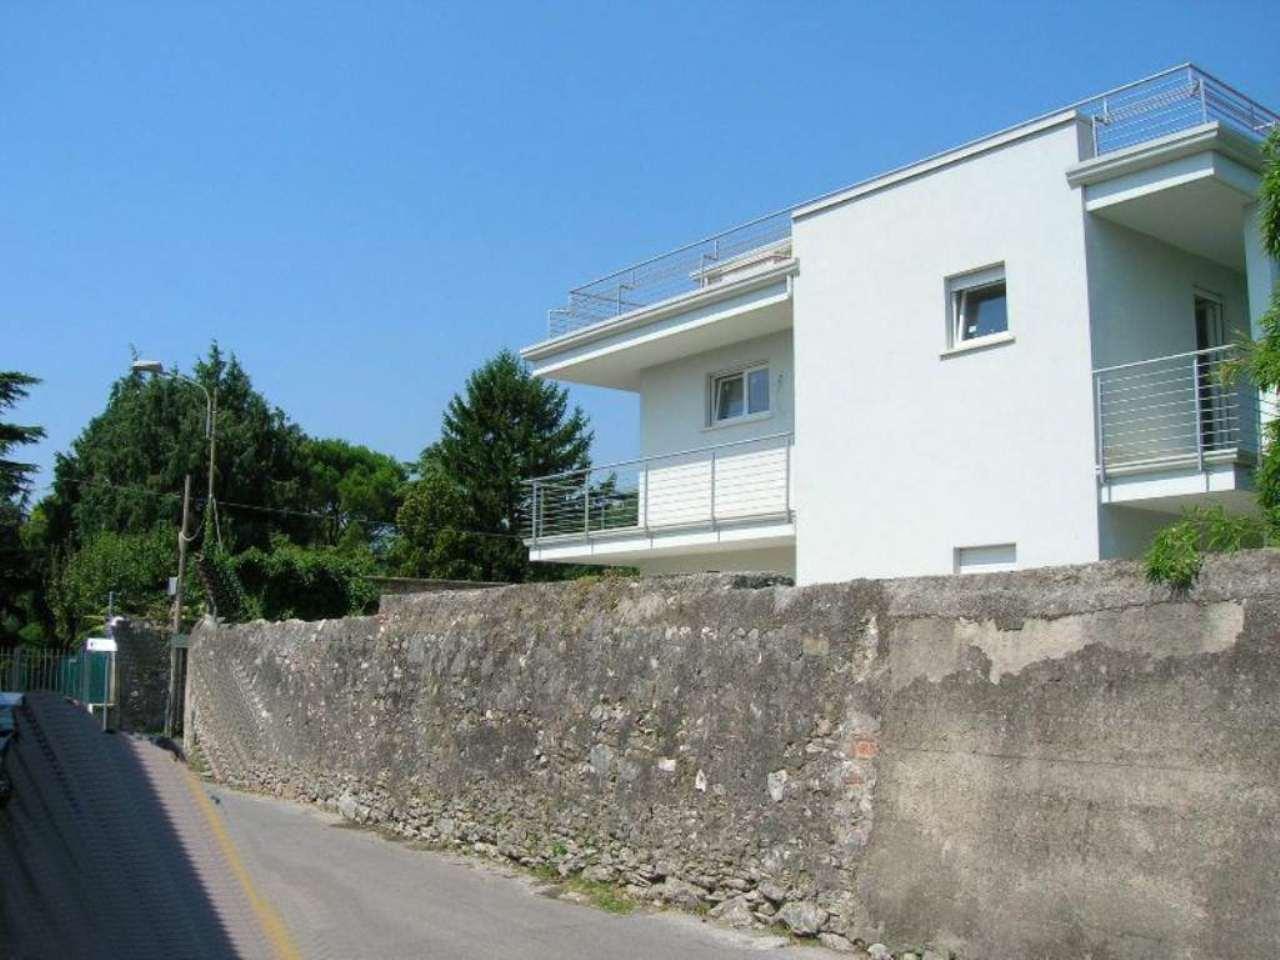 Villa in vendita a Toscolano-Maderno, 4 locali, prezzo € 440.000 | Cambio Casa.it